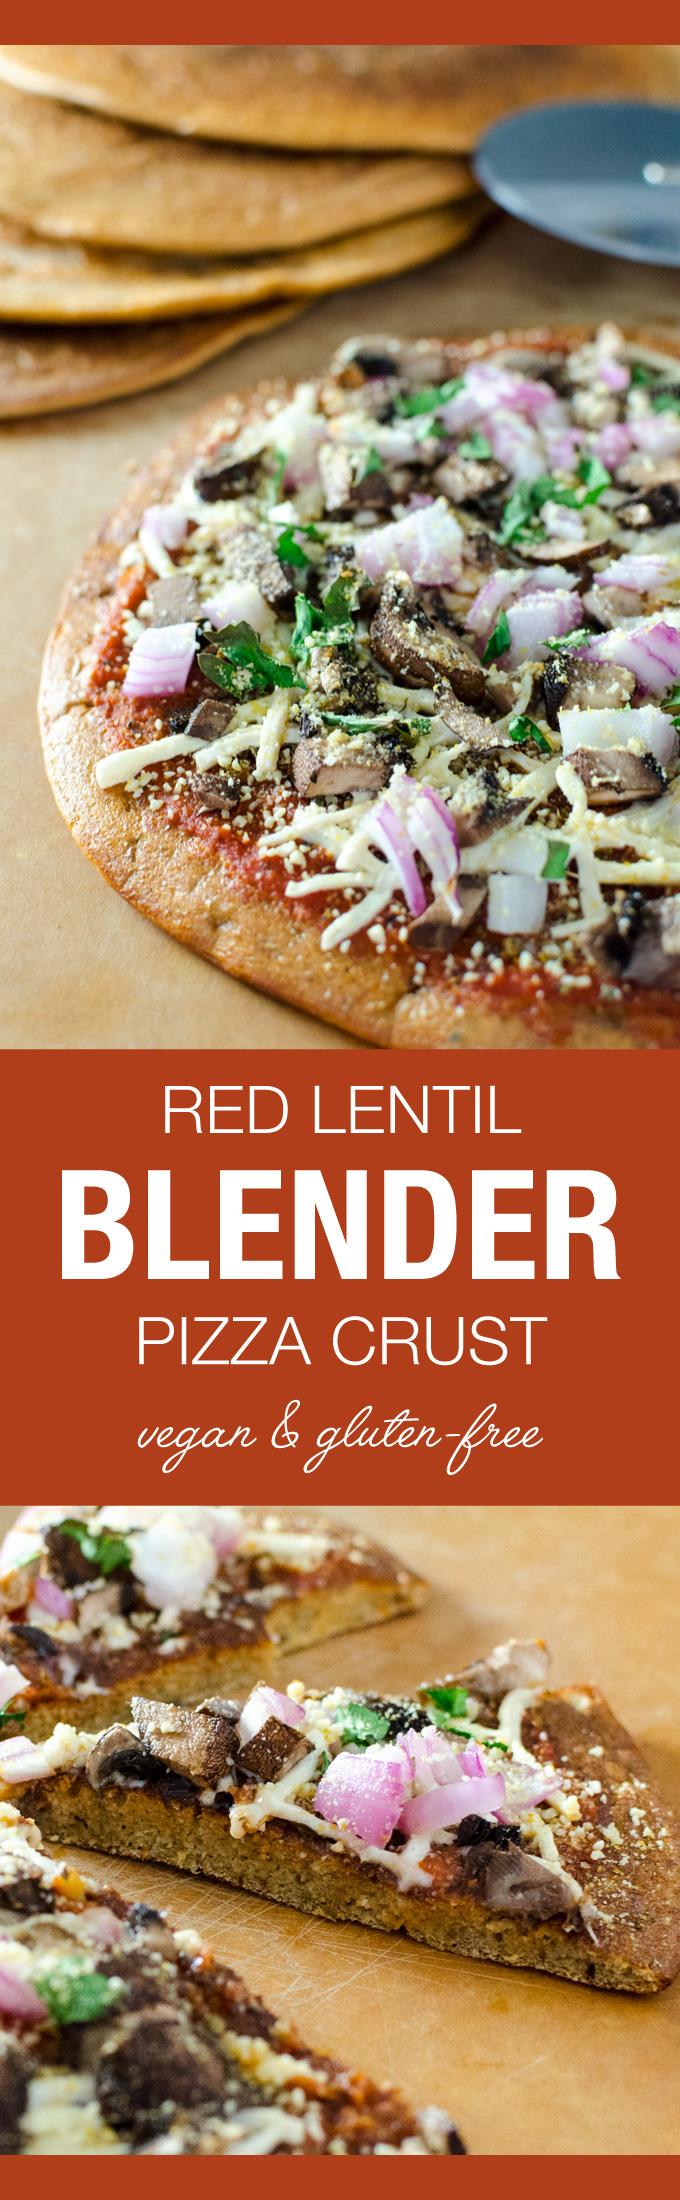 Red-Lentil-Blender-Pizza-Crust